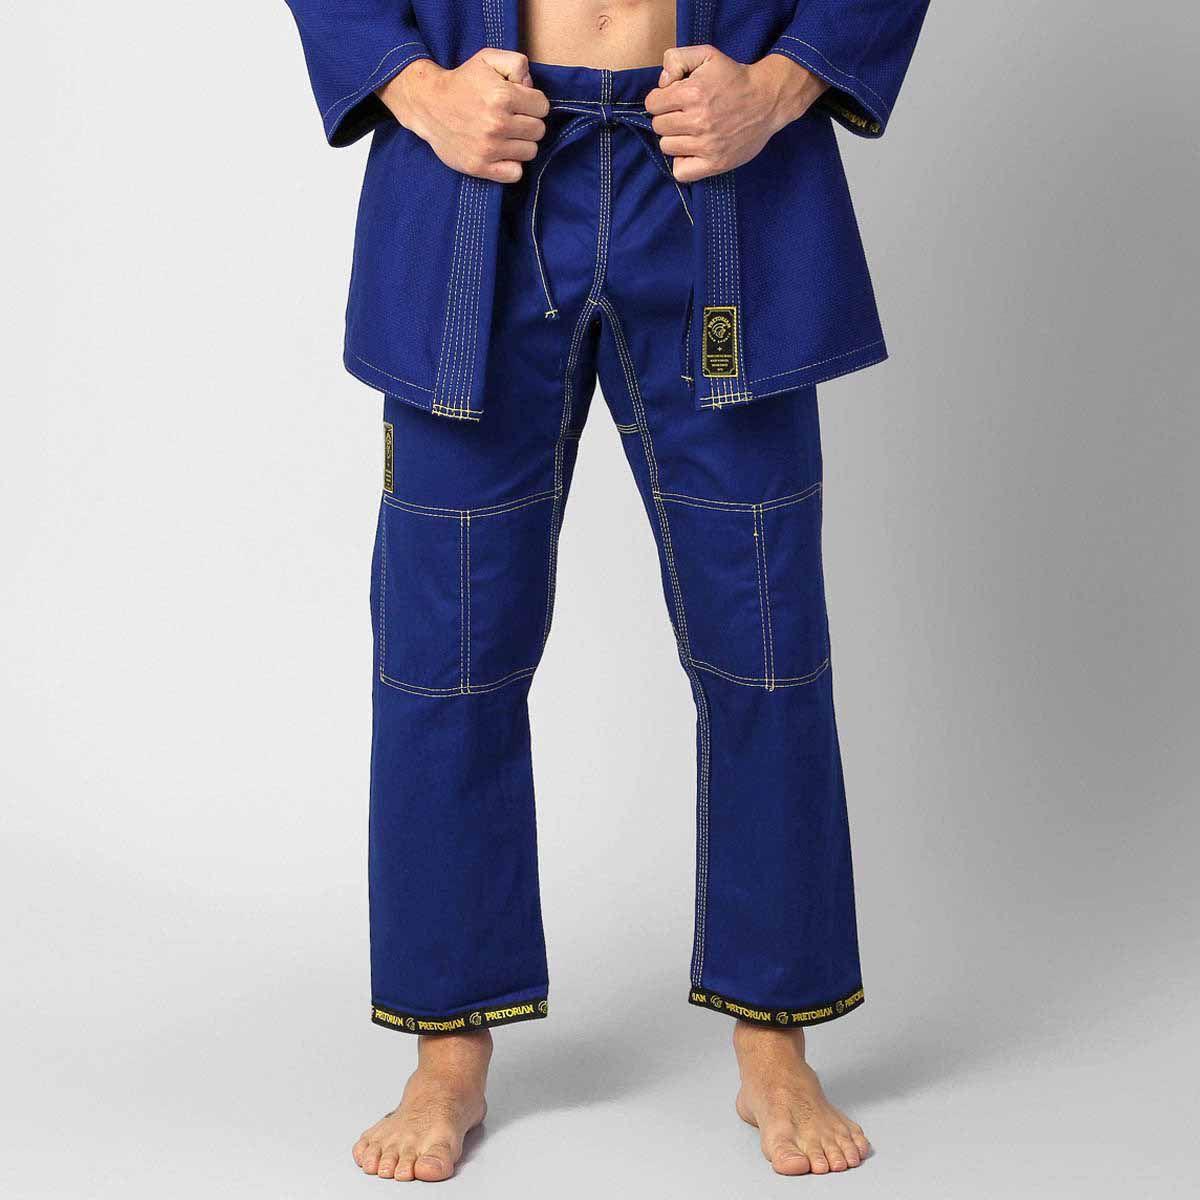 Kimono Jiu Jitsu - Pretorian Elite Pro - Azul -  - Loja do Competidor